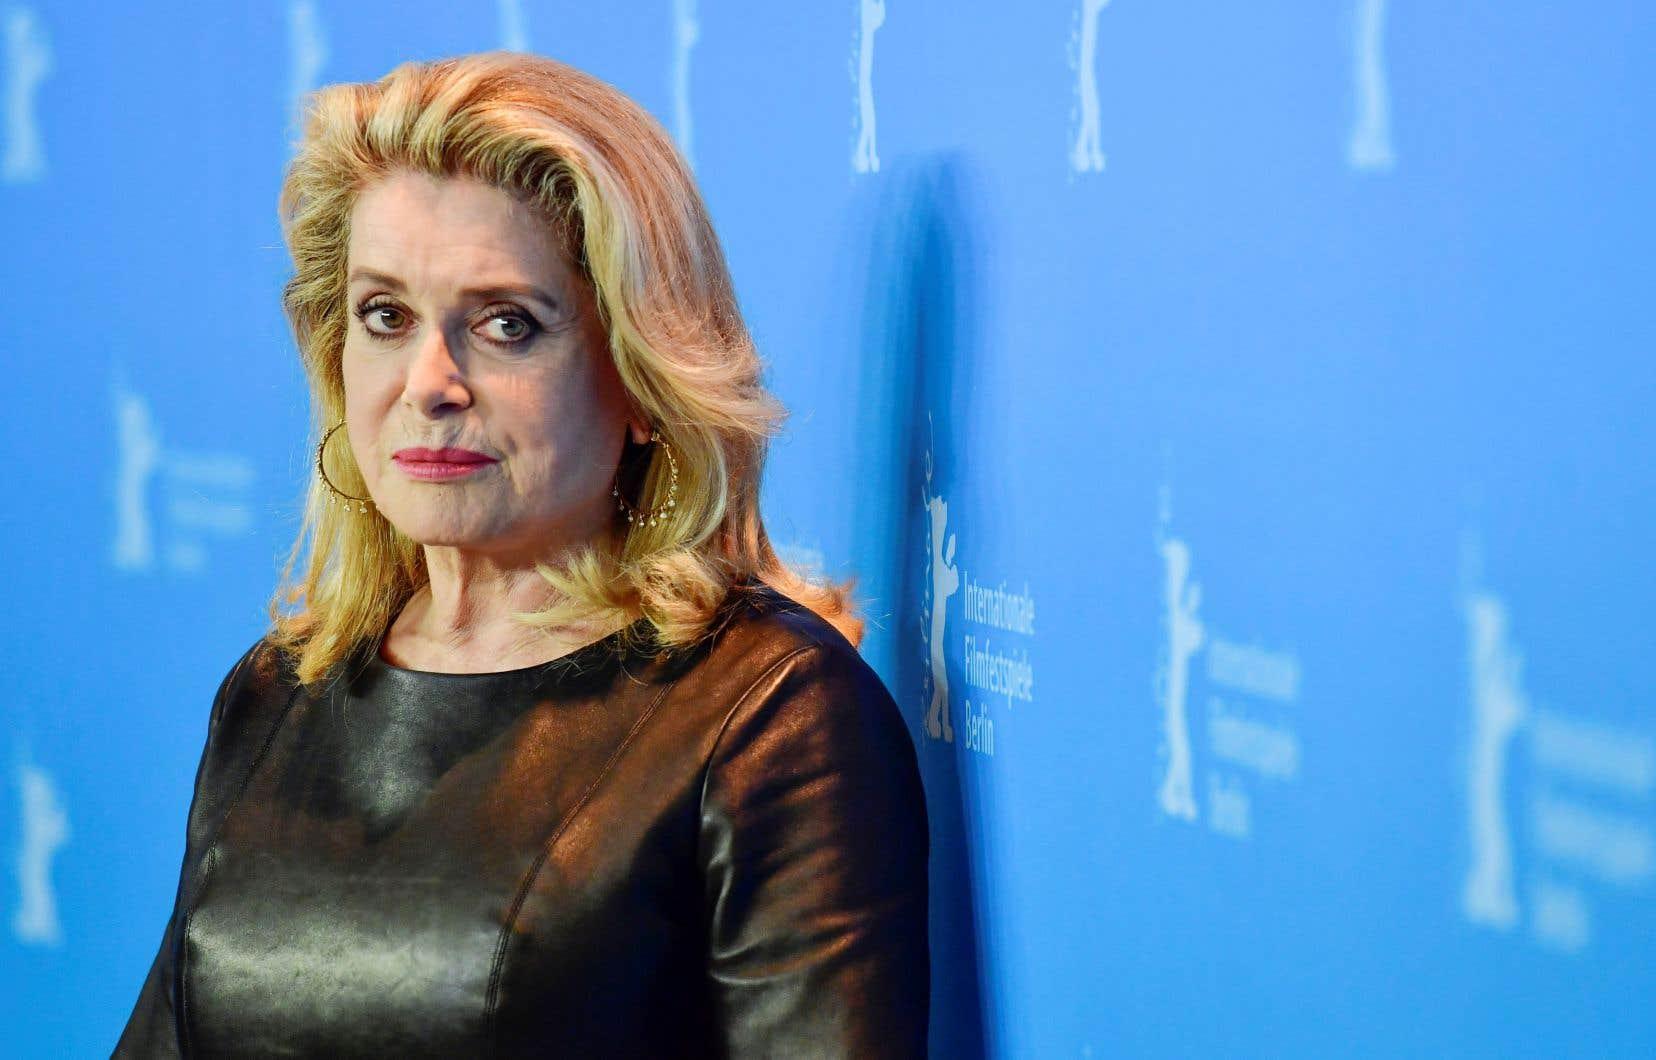 Avant cette tribune, Catherine Deneuve s'était déjà attiré les foudres des féministes en soutenant le réalisateur Roman Polanski. Elle avait déclaré avoir toujours trouvé «excessif» le terme «viol».